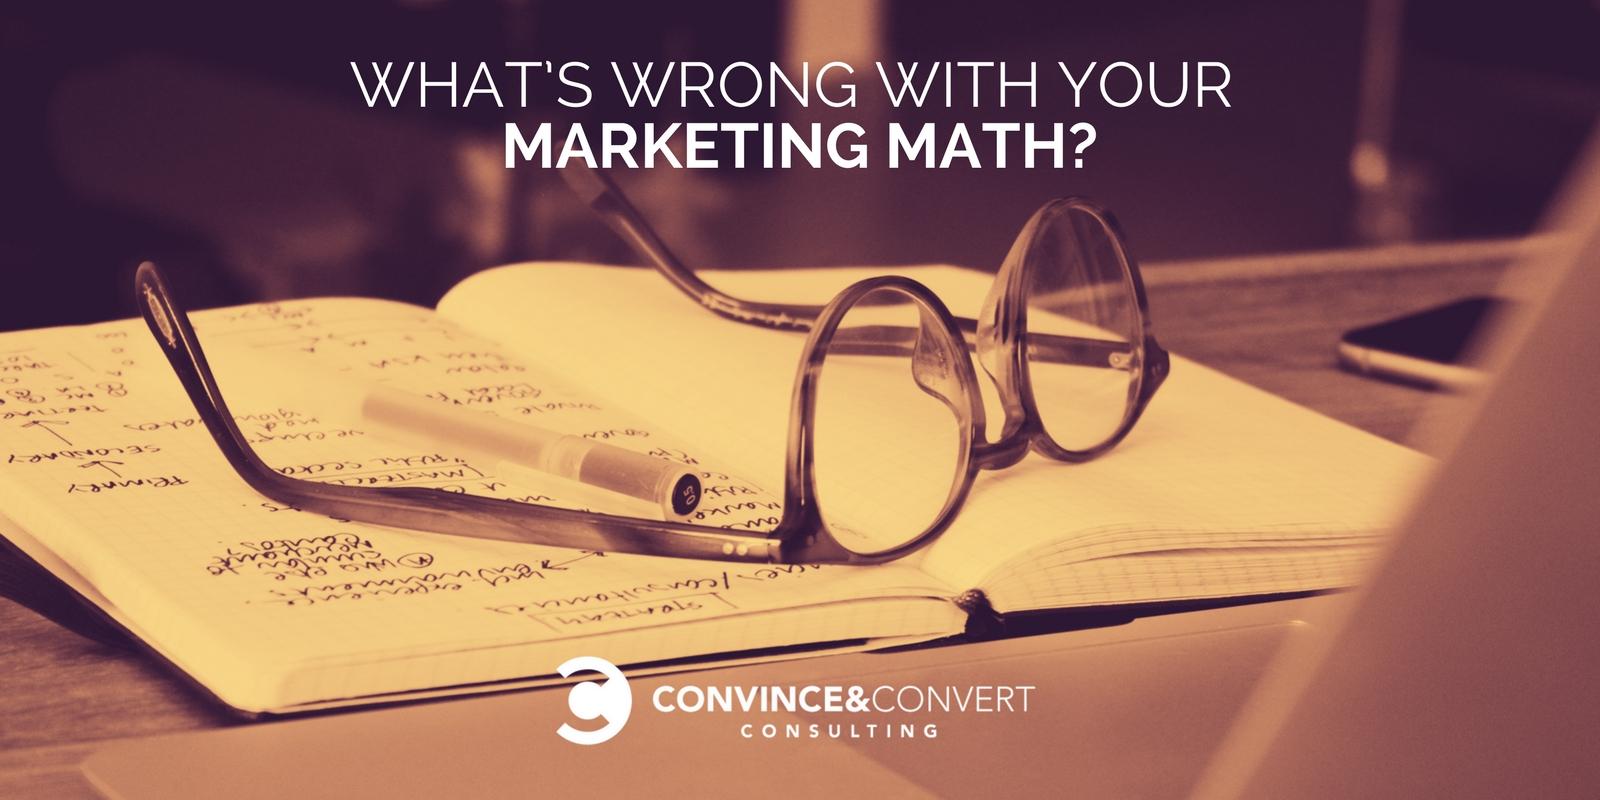 Cosa c'è di sbagliato con il tuo marketing Math